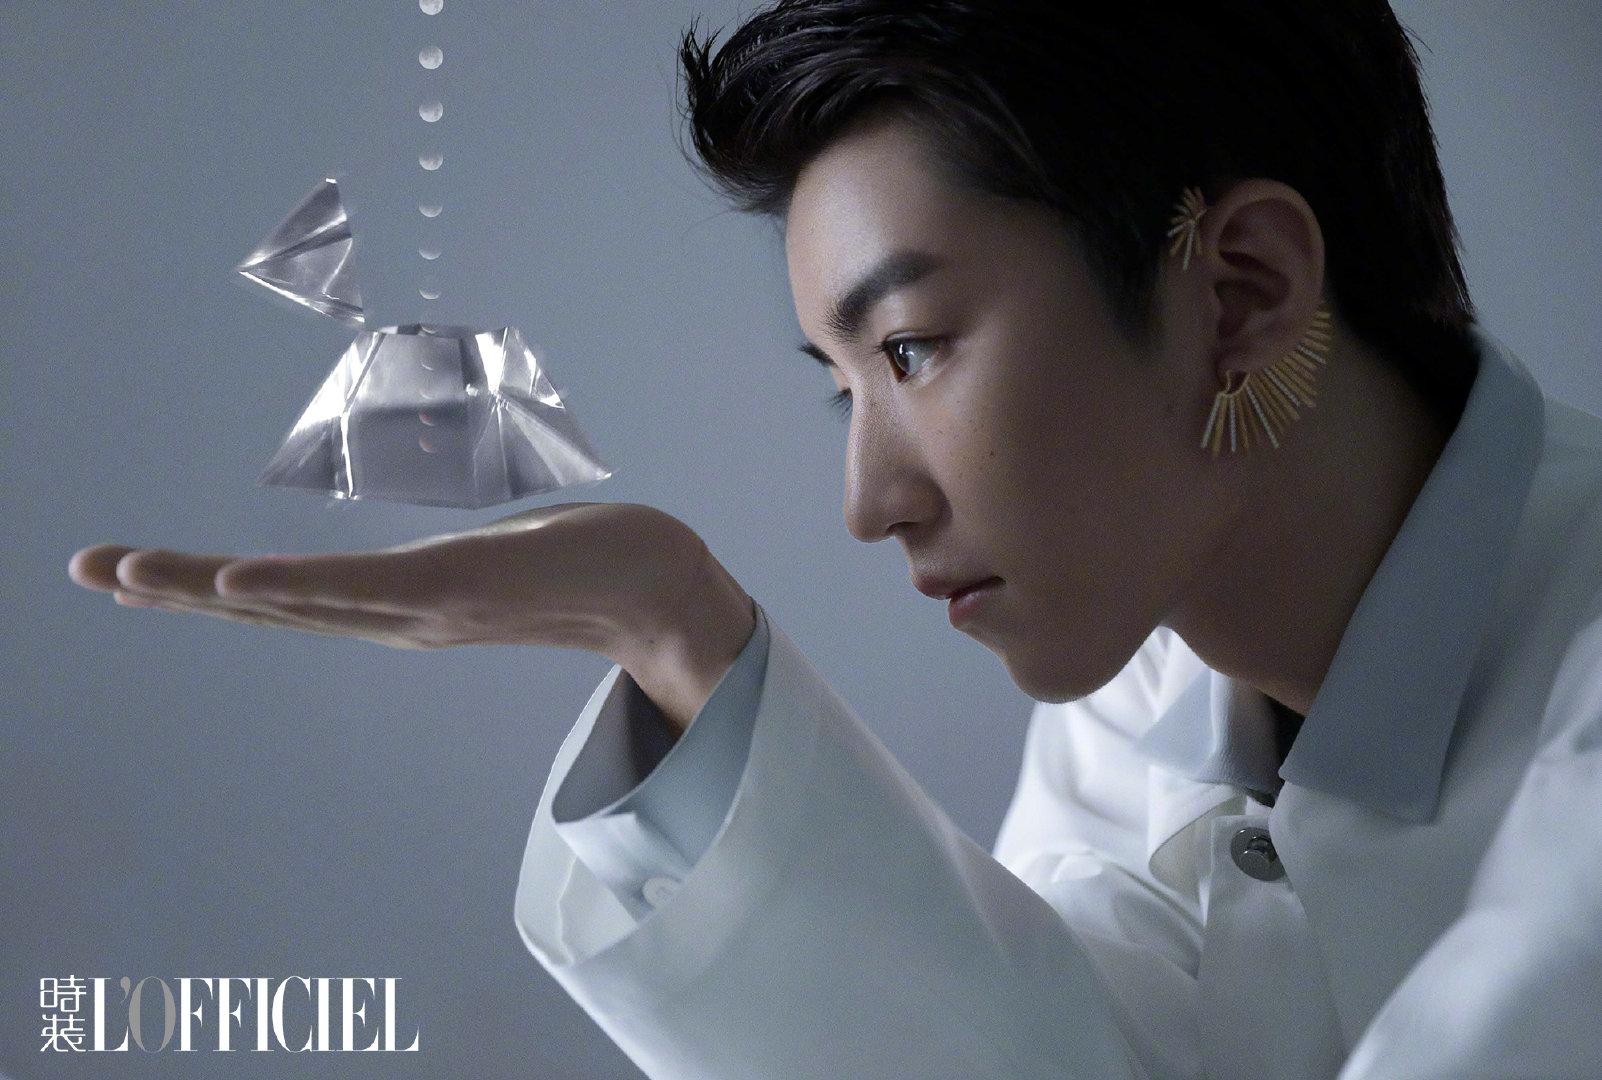 王俊凯 x《时装LOFFICIEL》内页大片来啦,王俊凯说:不想变成别人